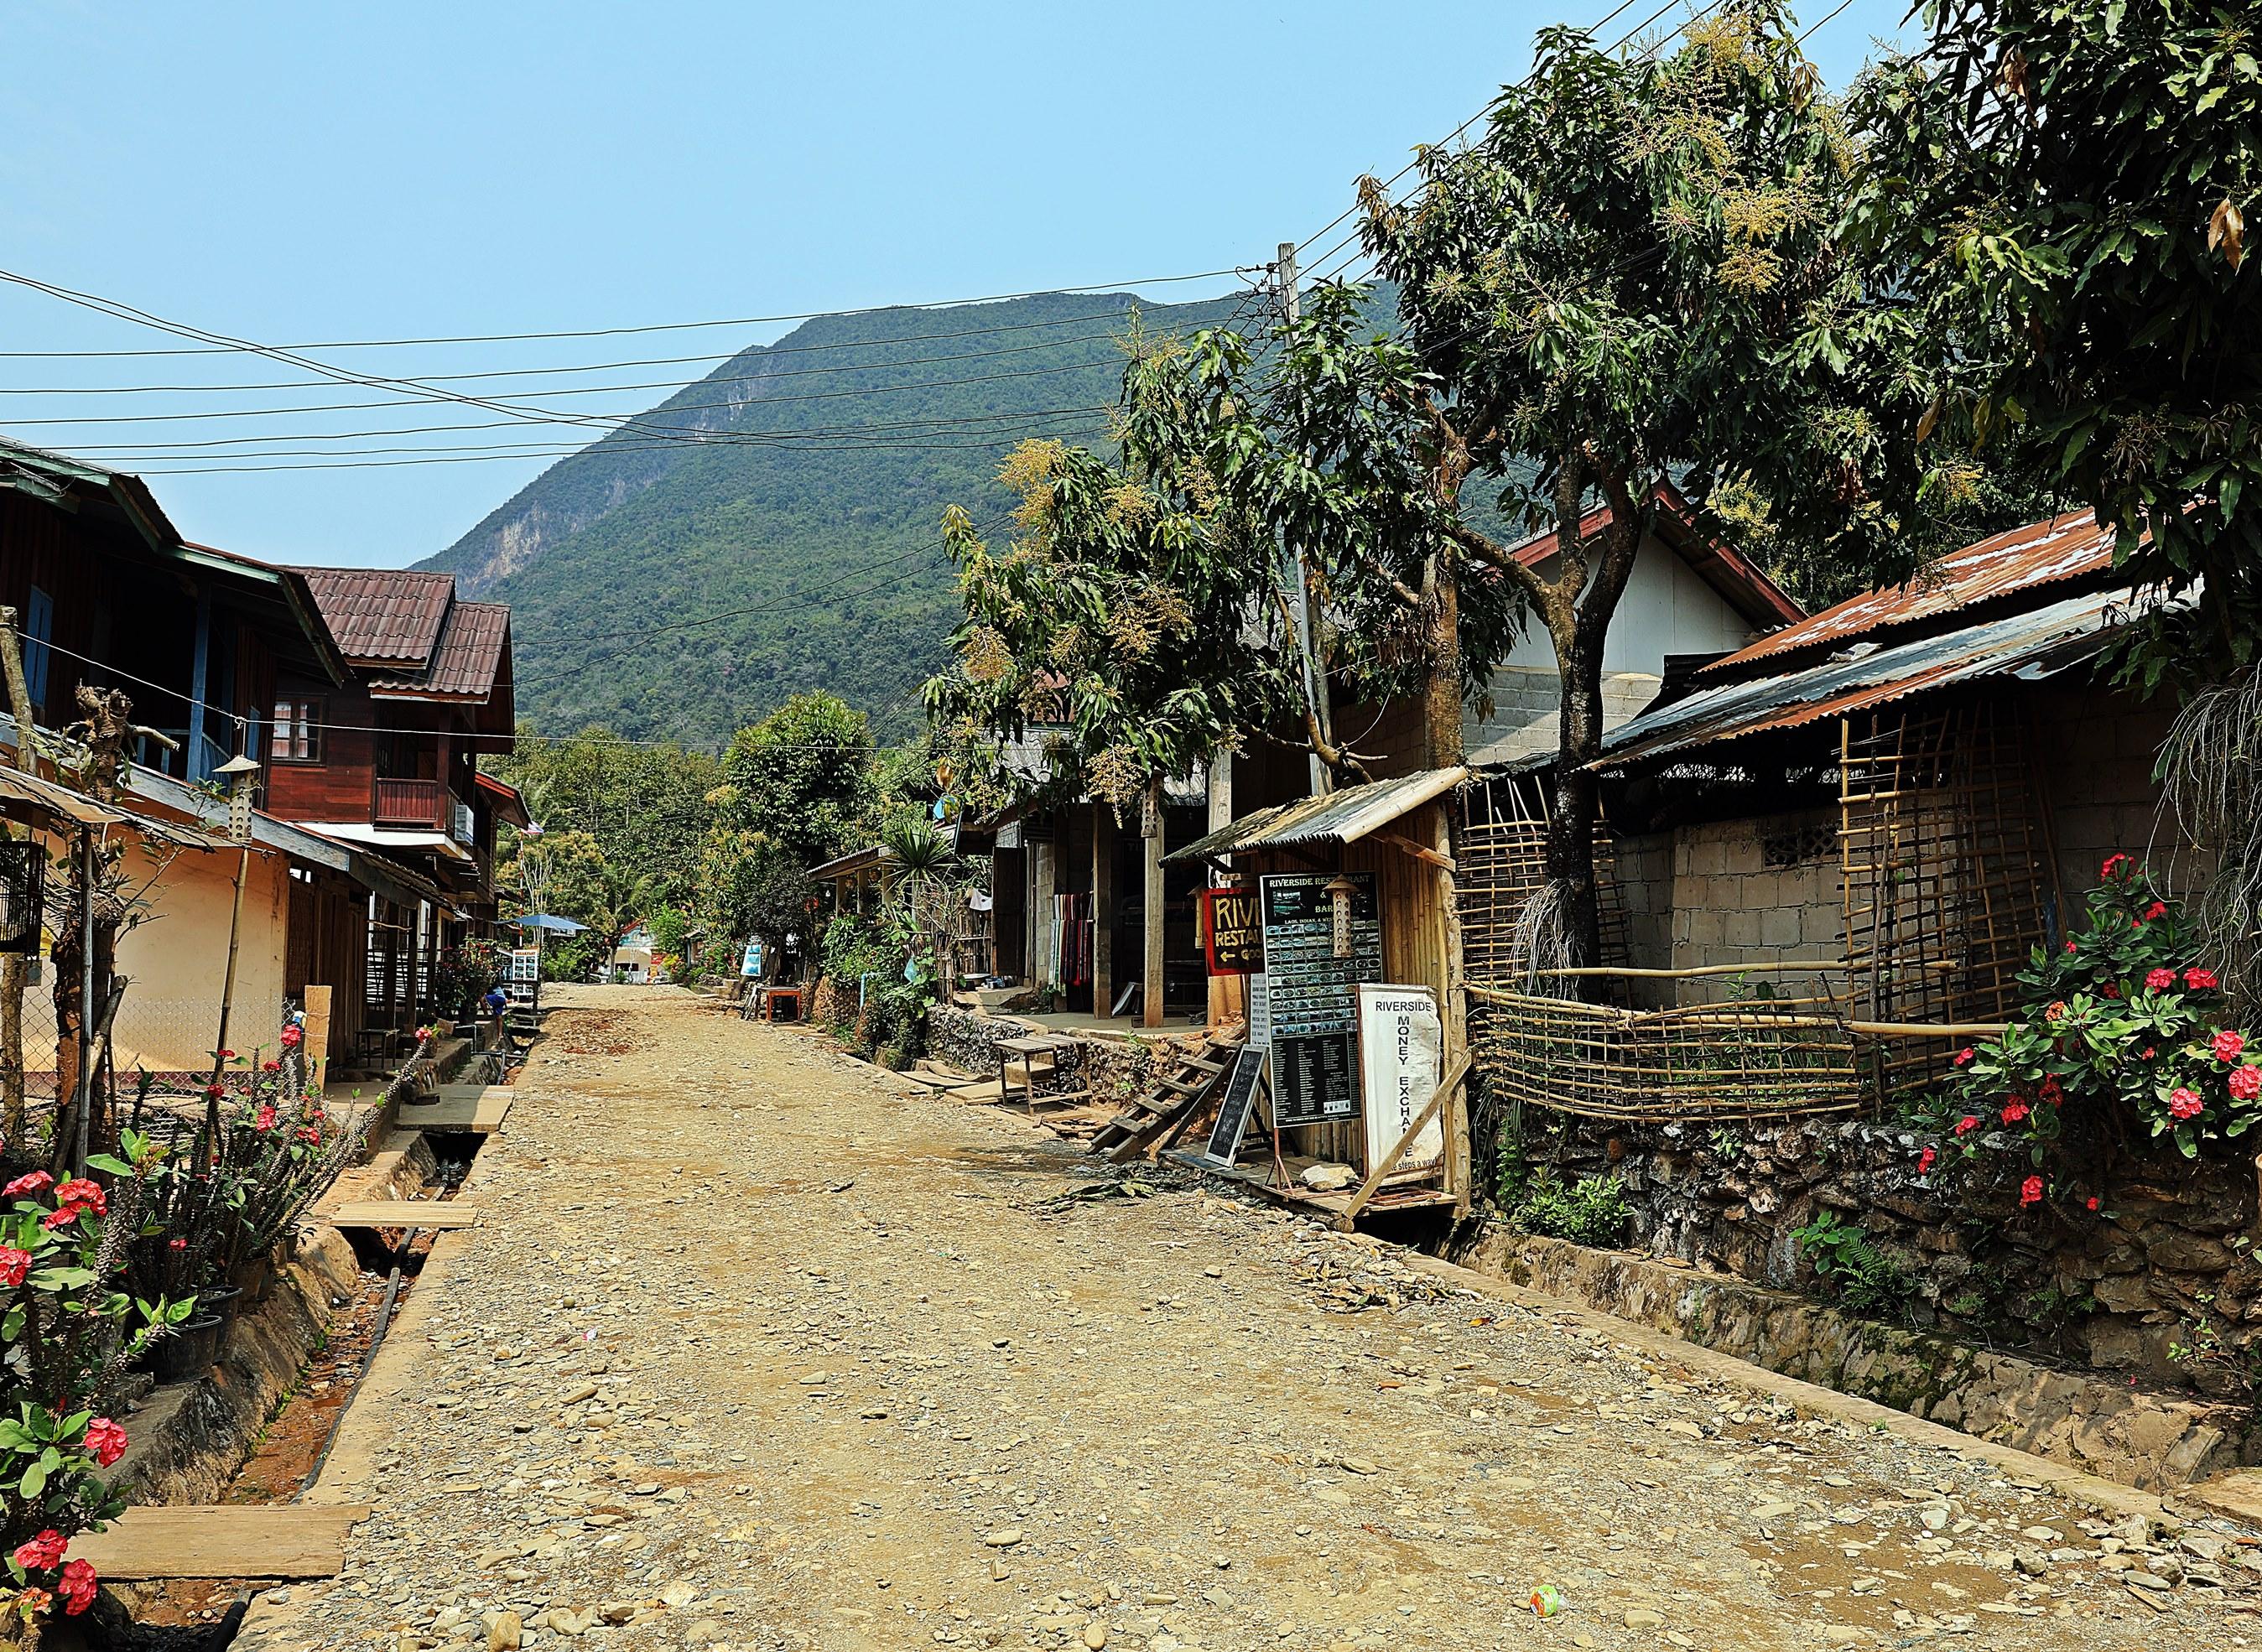 Main street, Muang Ngoi